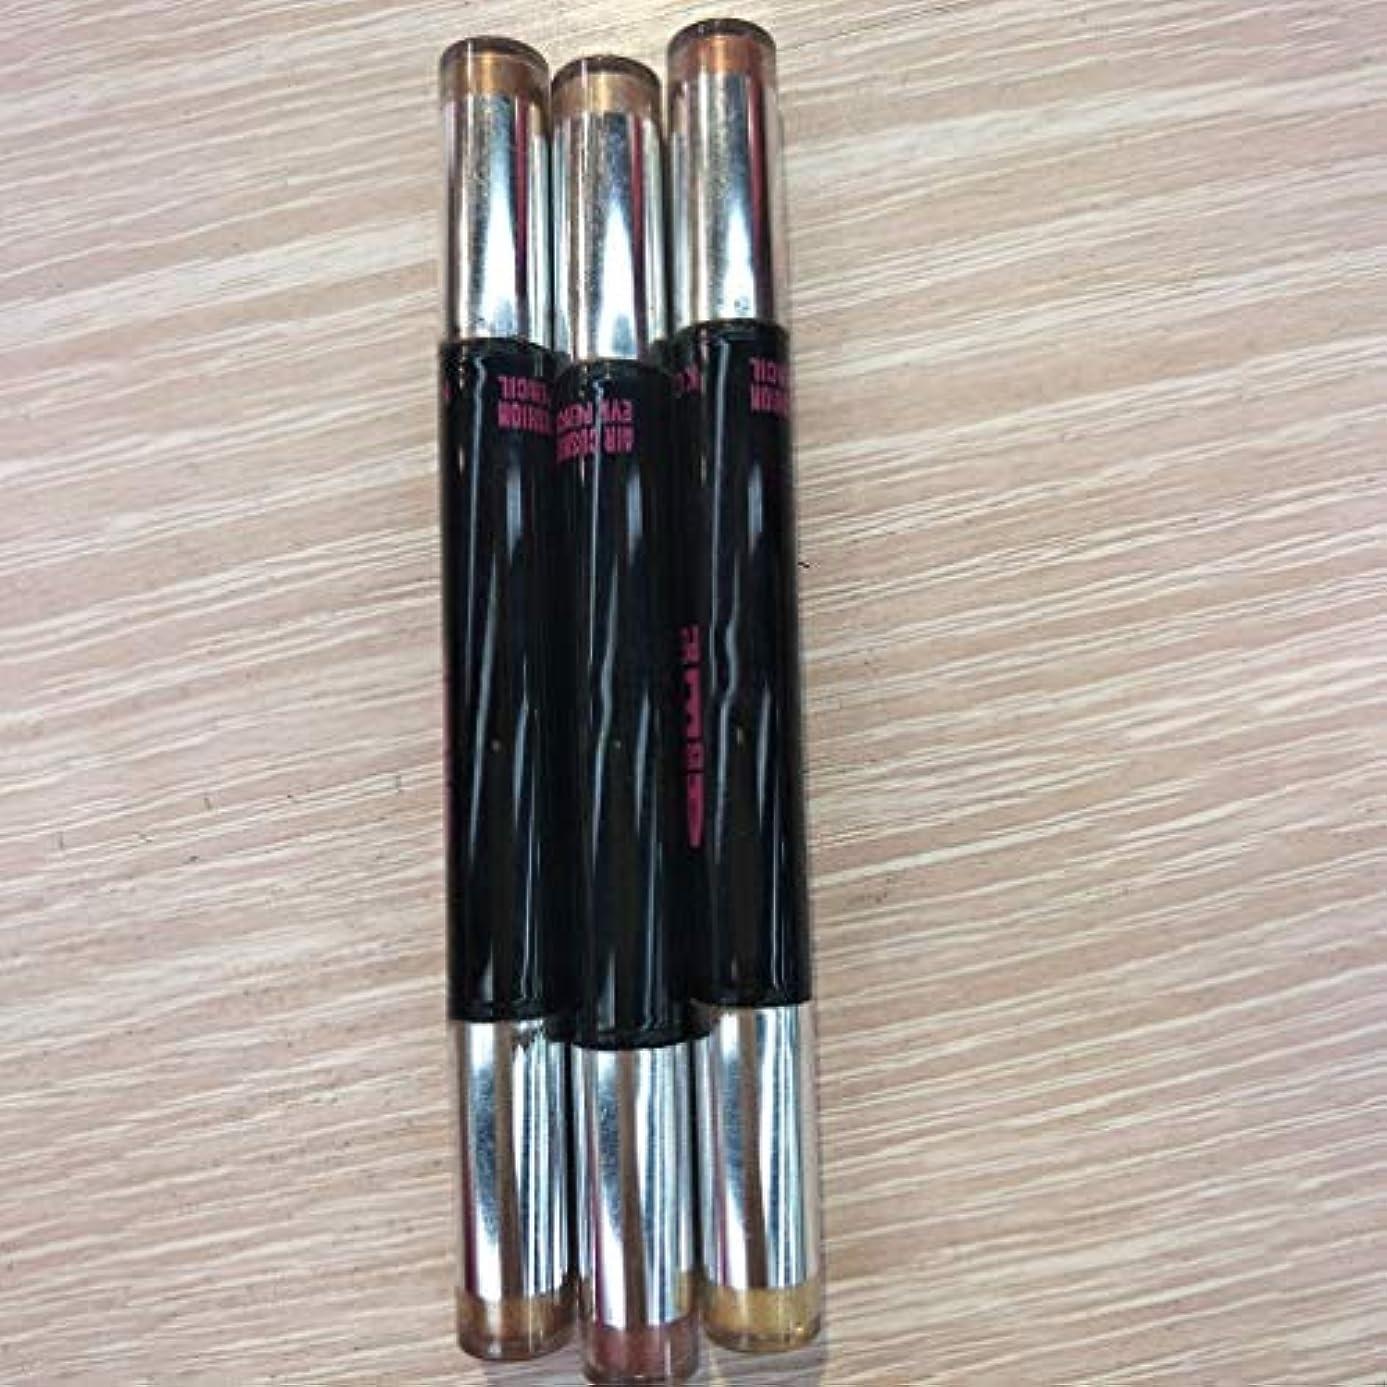 奨励します禁じる日常的にダブルヘッドアイシャドウスティックナチュラルエアクッショングリッターアイシャドウペンメイク鉛筆化粧品のツールを長持ち